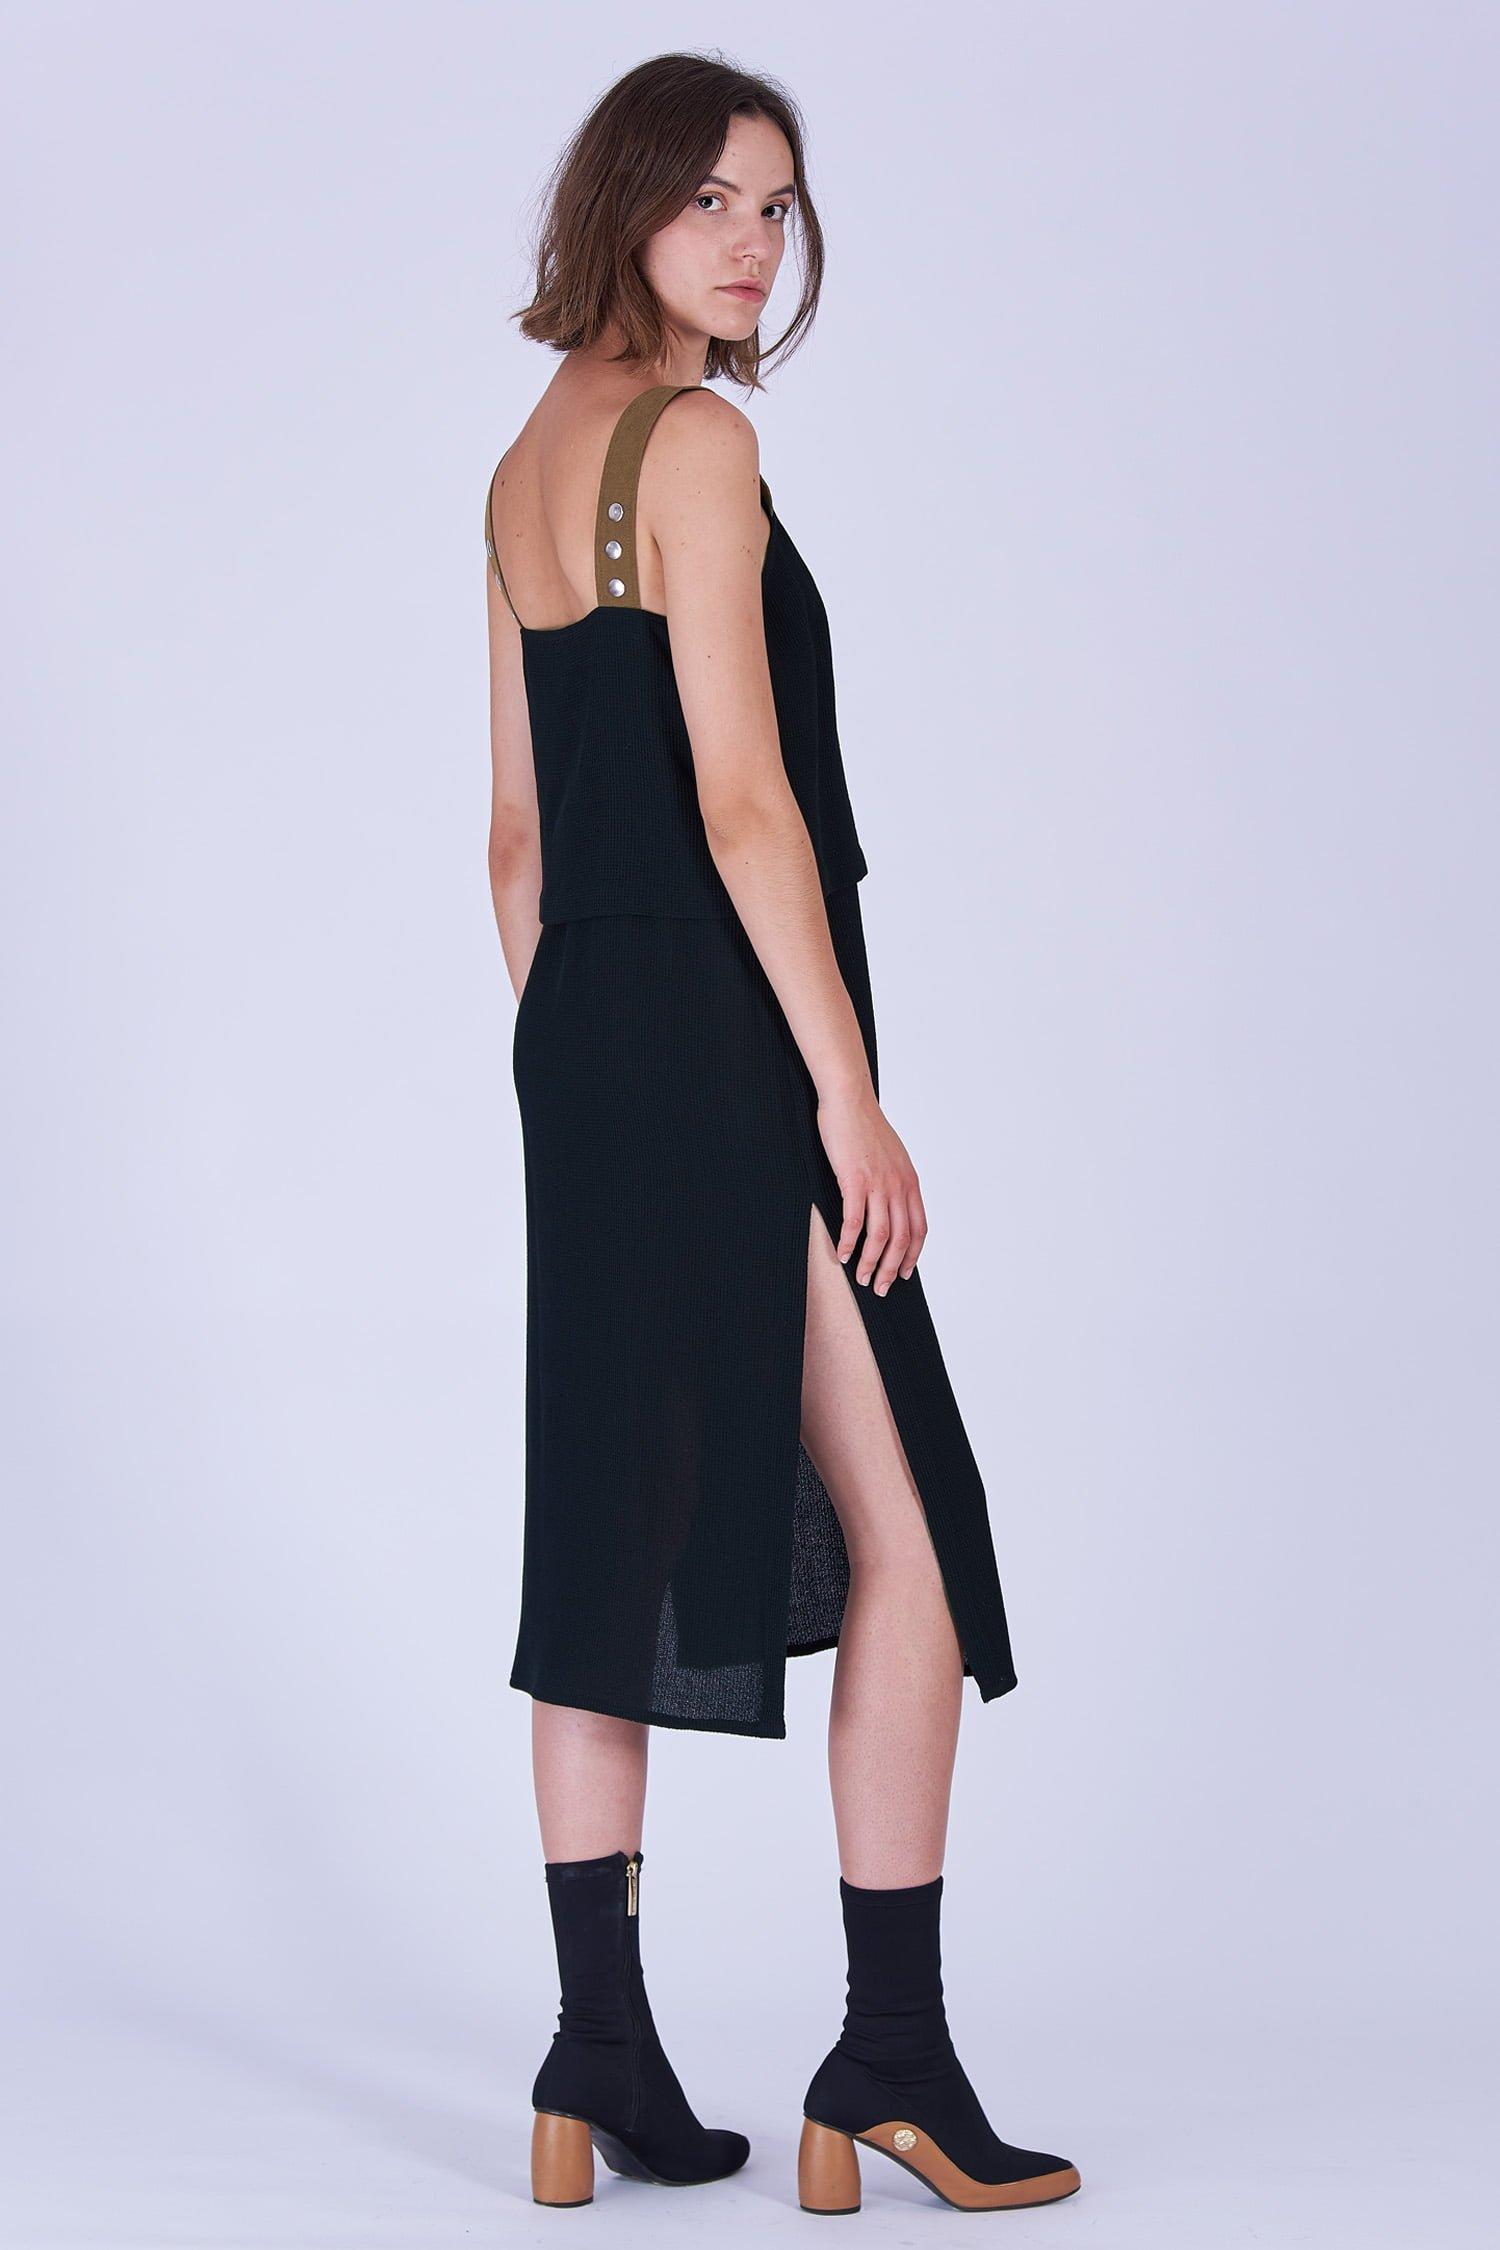 Acephala Fw19 20 Black Strap Midi Dress Czarna Sukienka Szelki Side 1